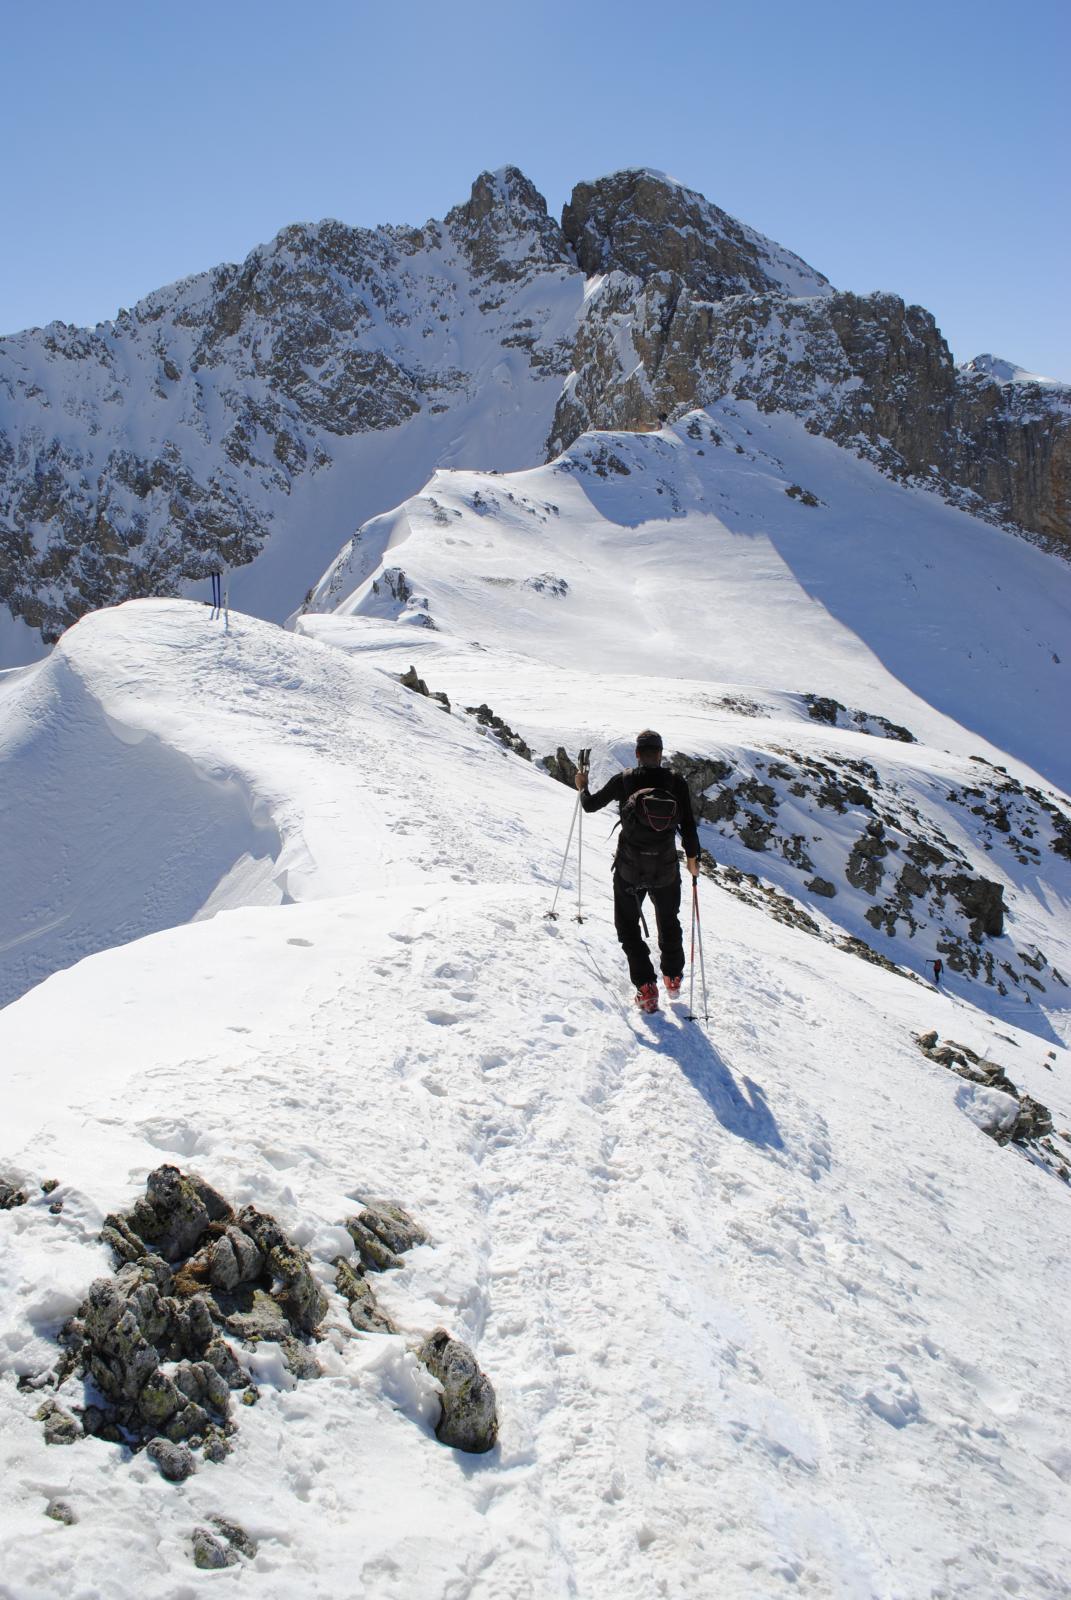 verso gli sci